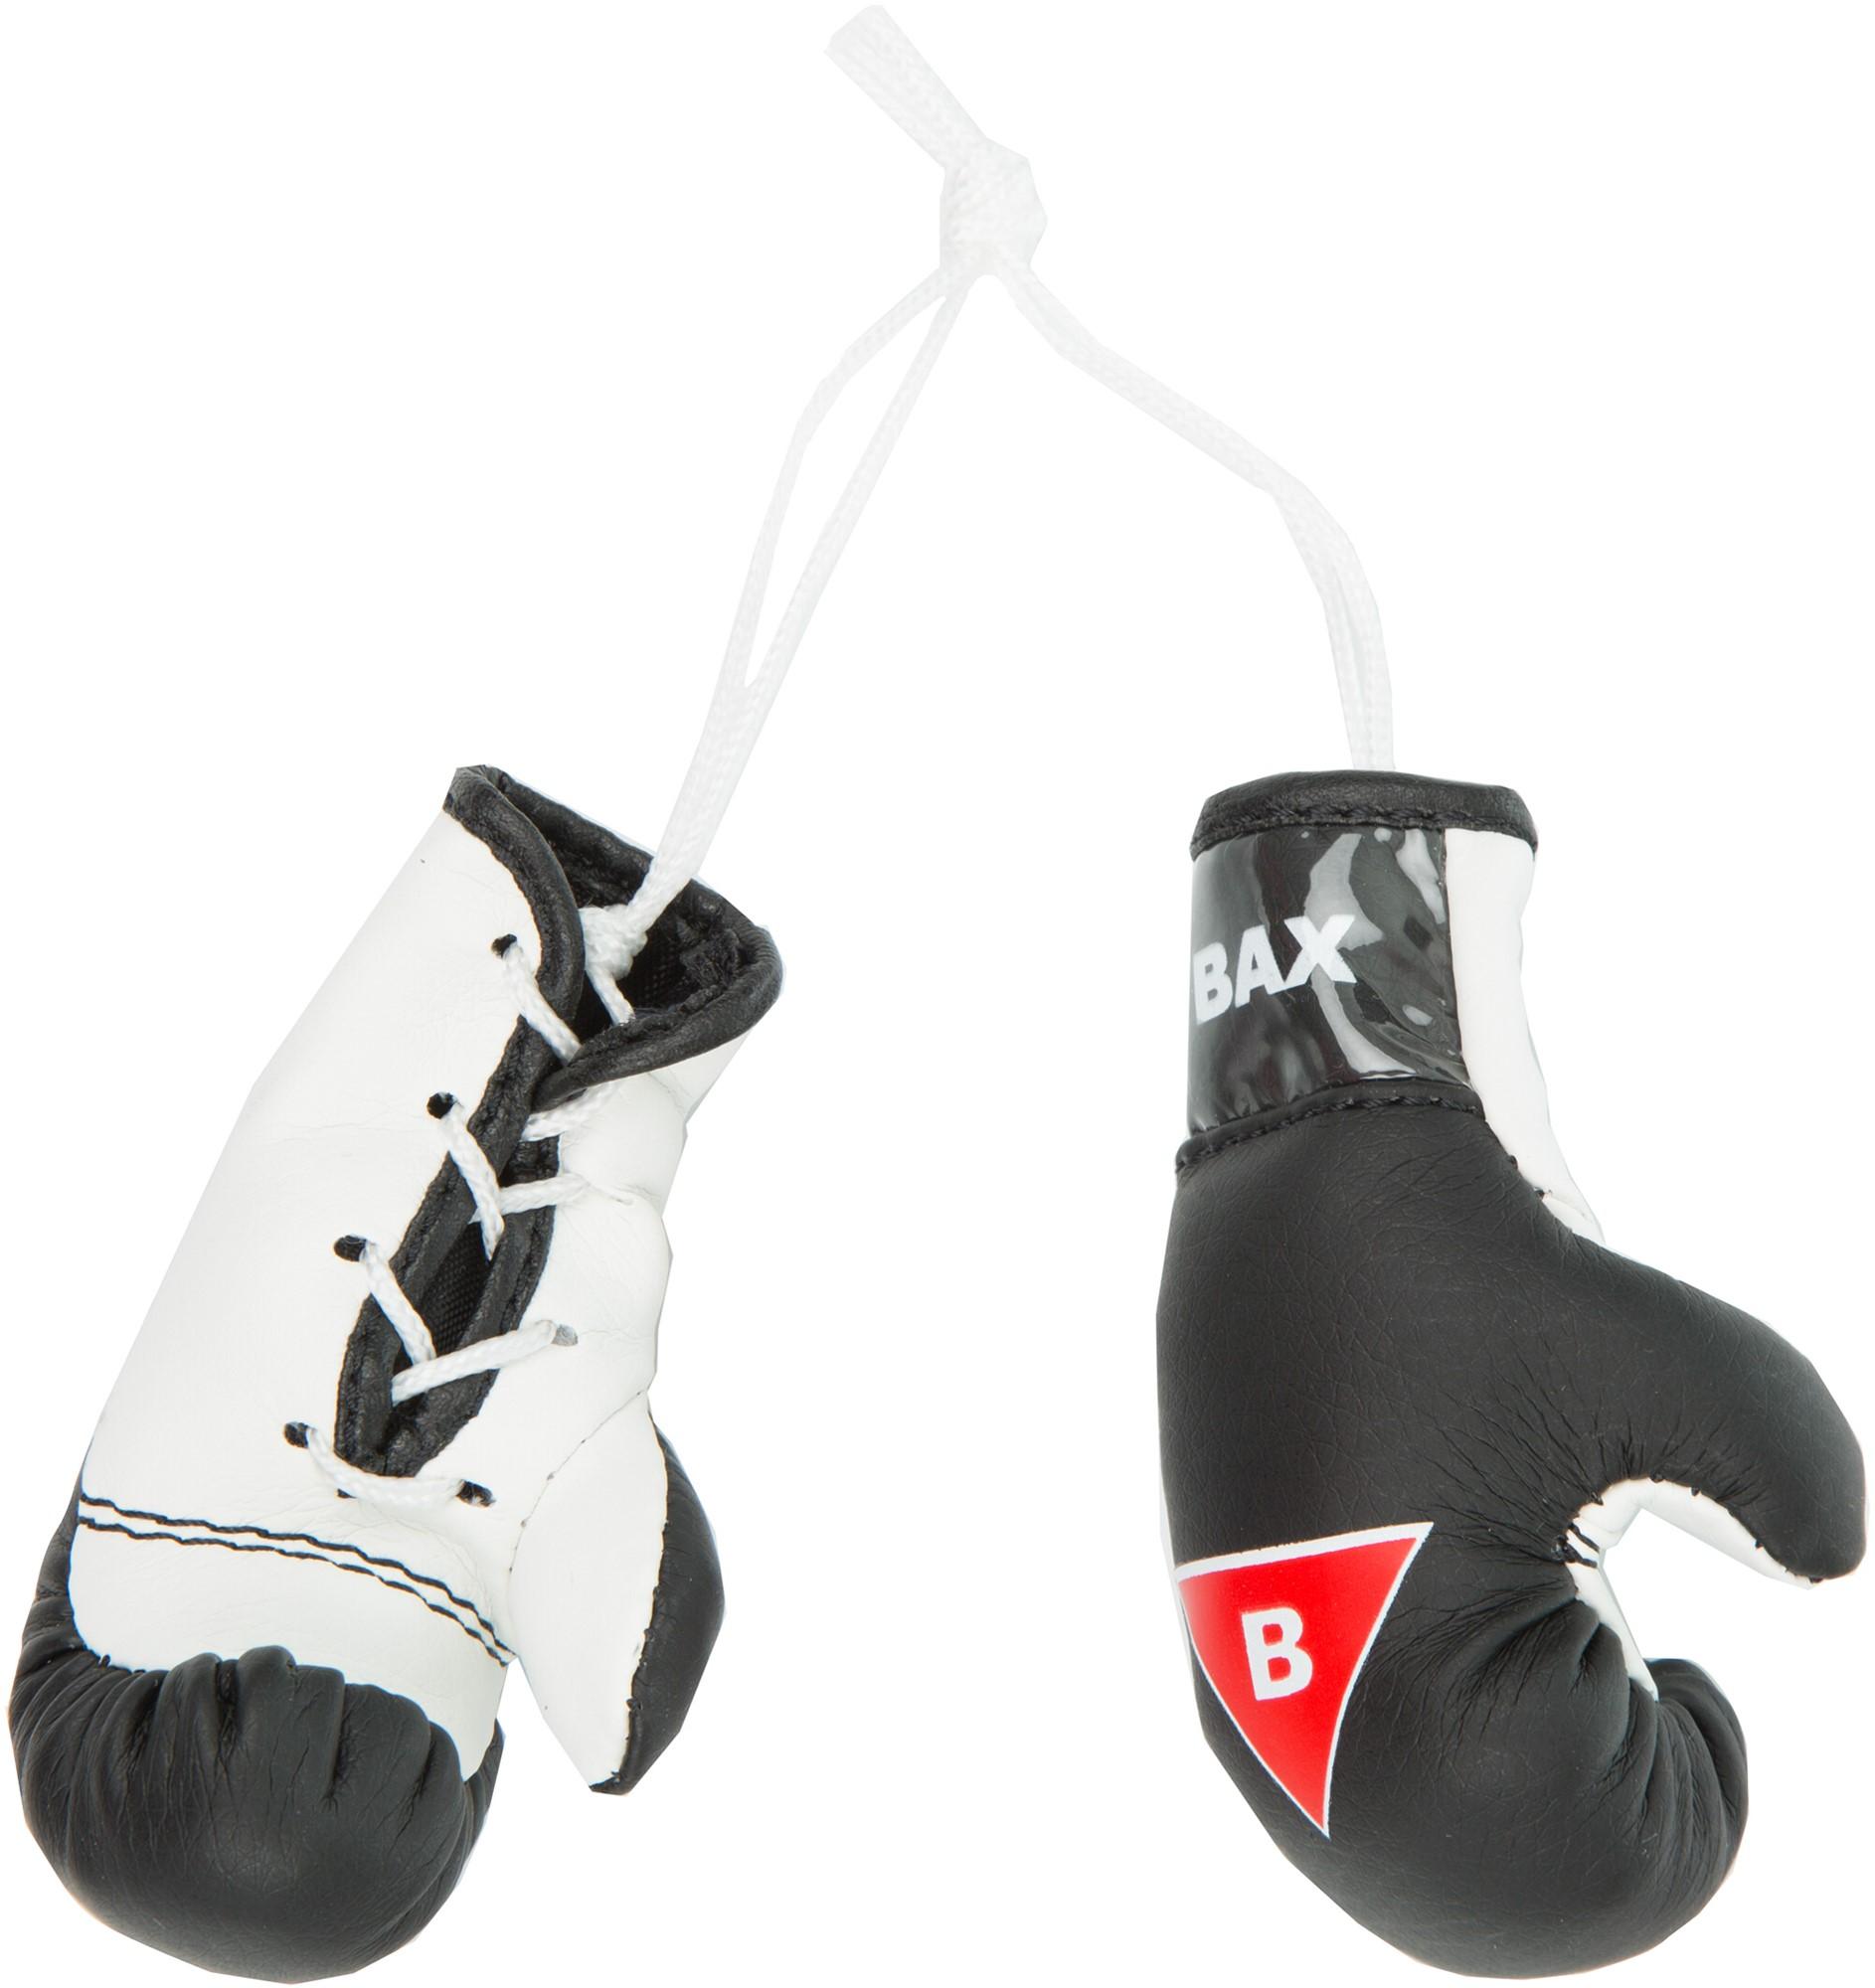 Bax Сувенирные перчатки BAX bax мешок набивной bax 40 кг